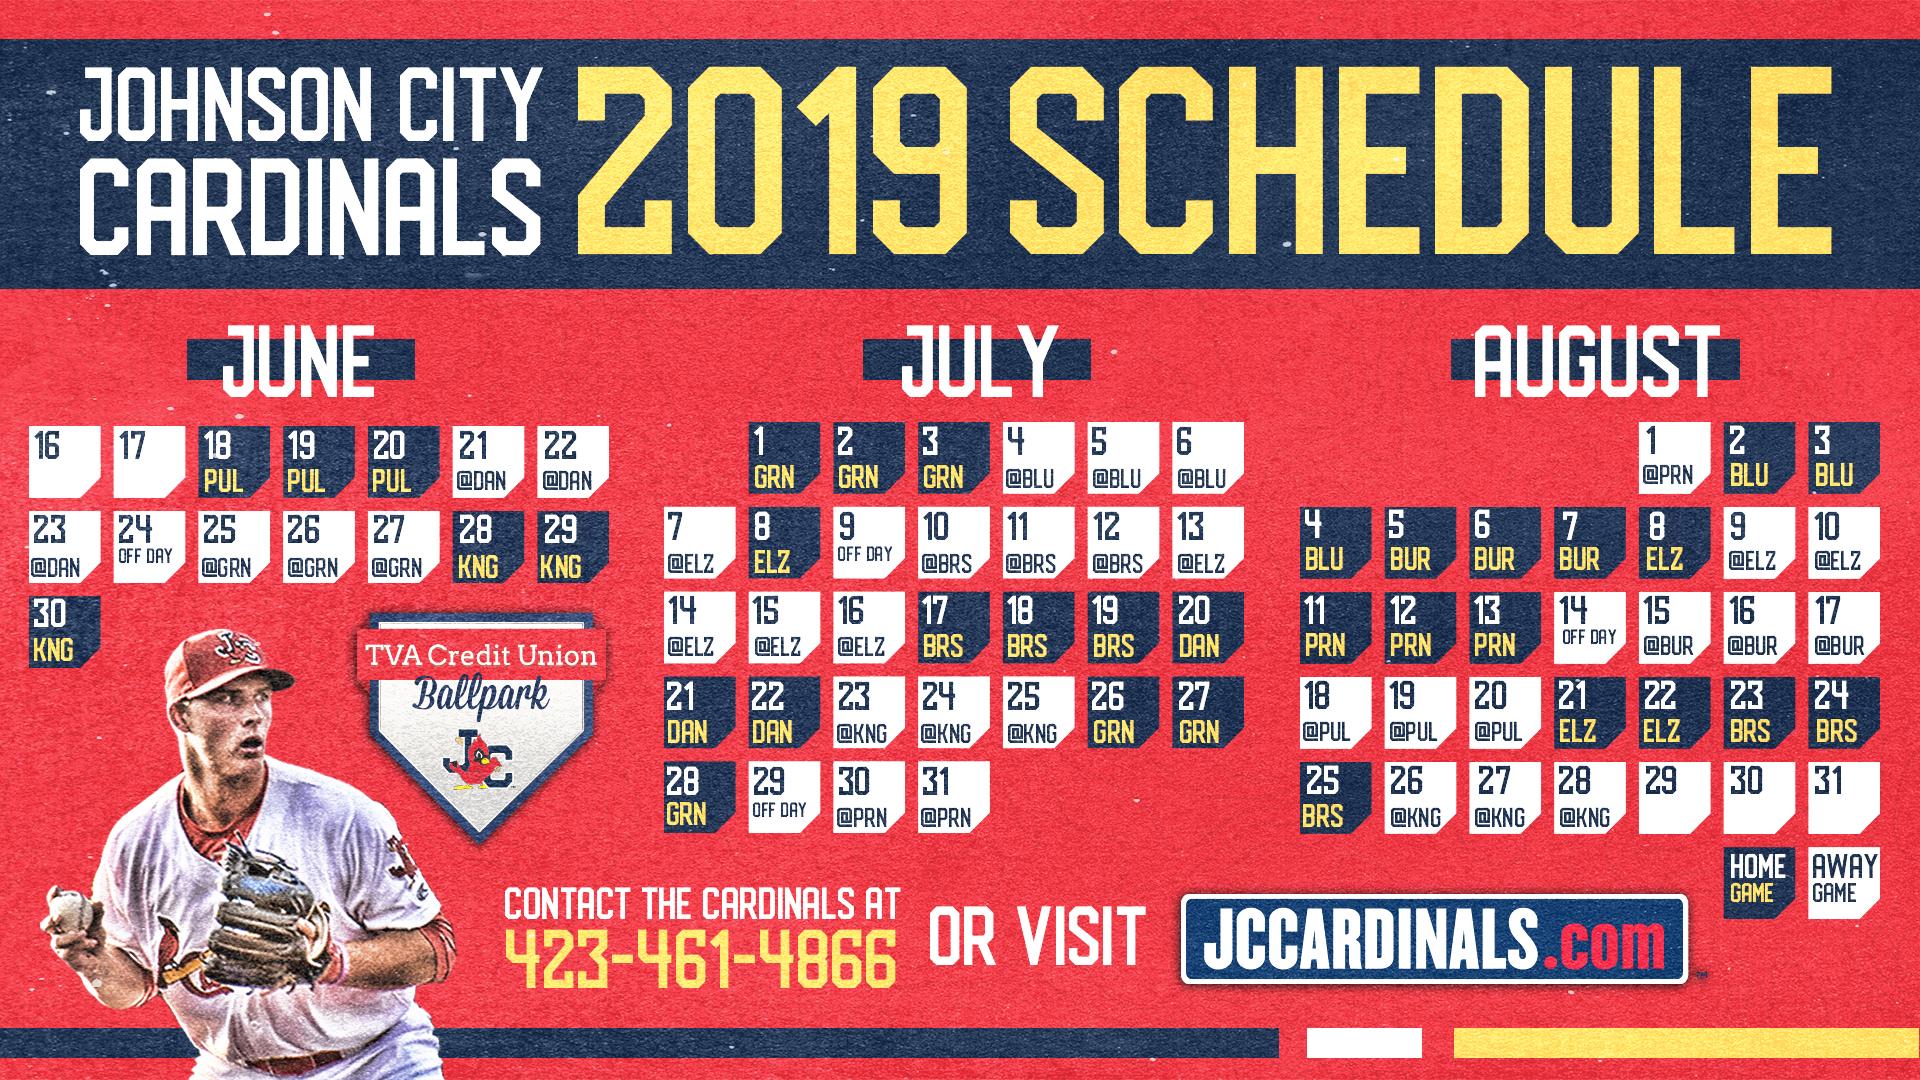 St Louis Cardinals 2019 Calendar CARDINALS RELEASE 2019 SCHEDULE | Johnson City Cardinals News